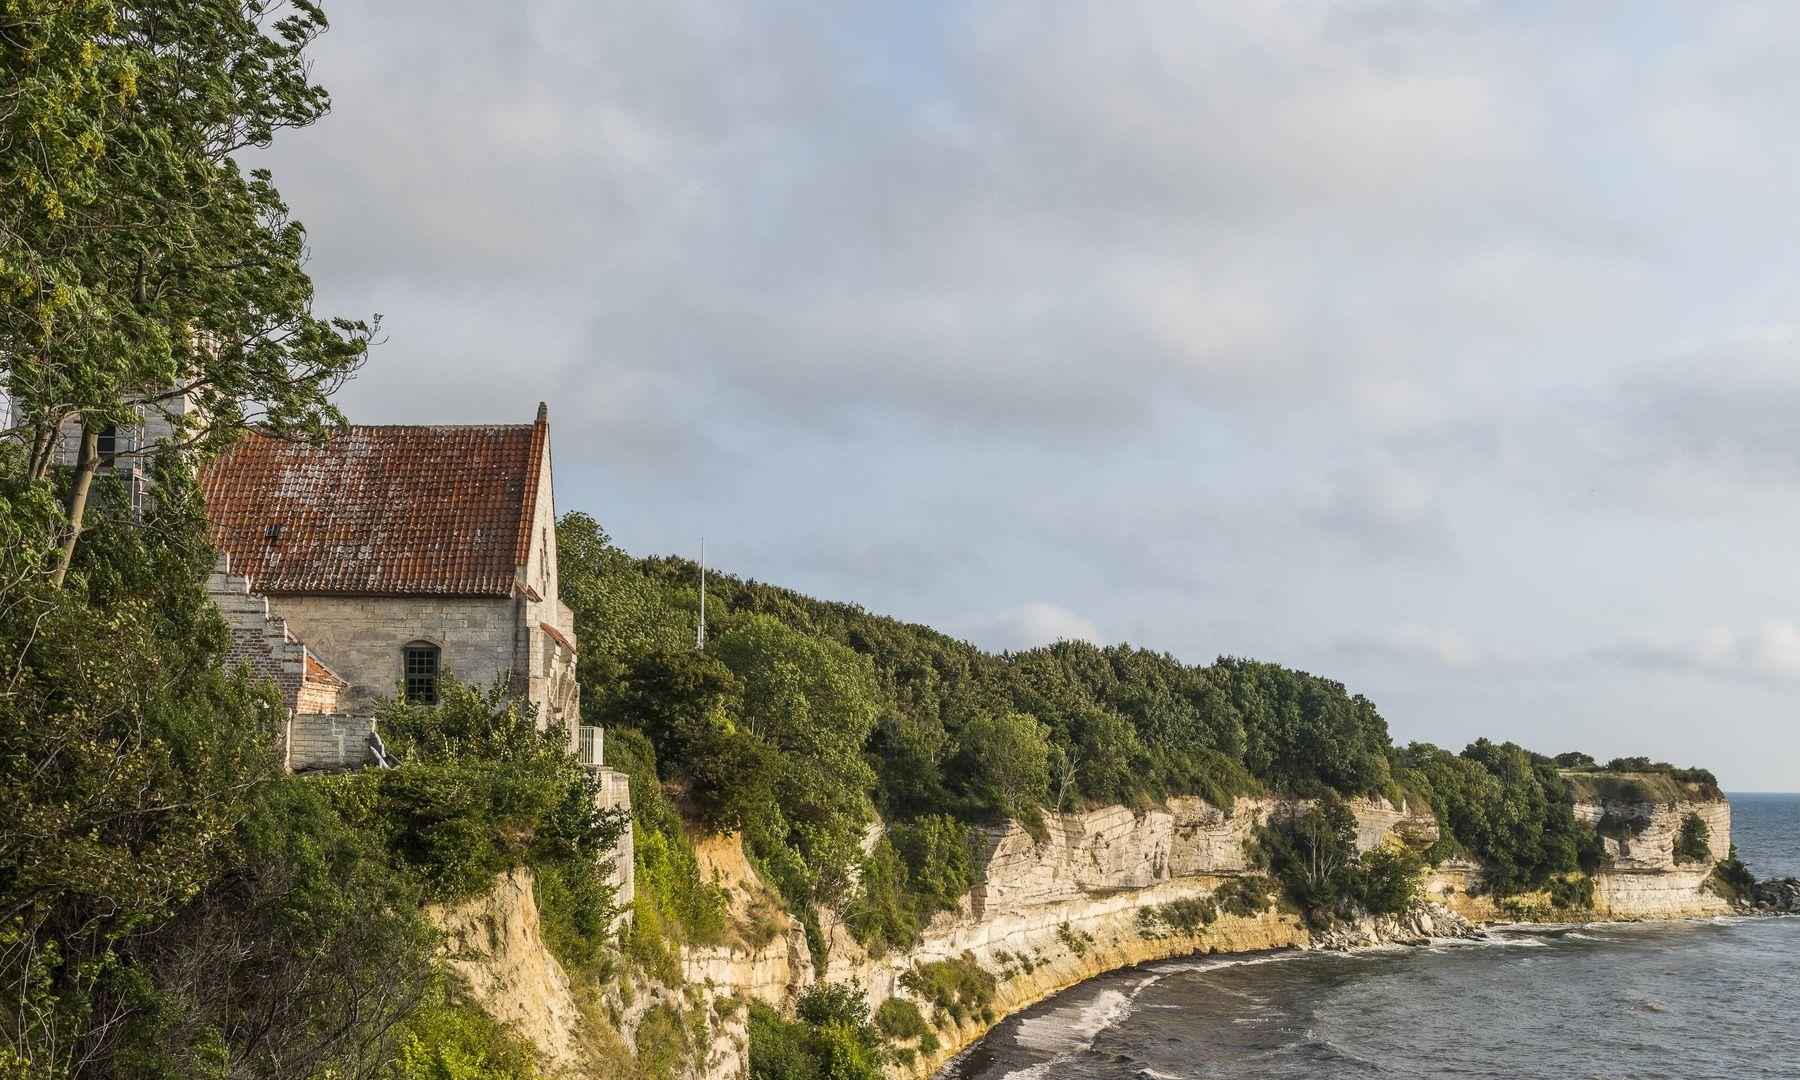 Dänemark-Urlaub 2021: 9 neue Sehenswürdigkeiten zum Entdecken